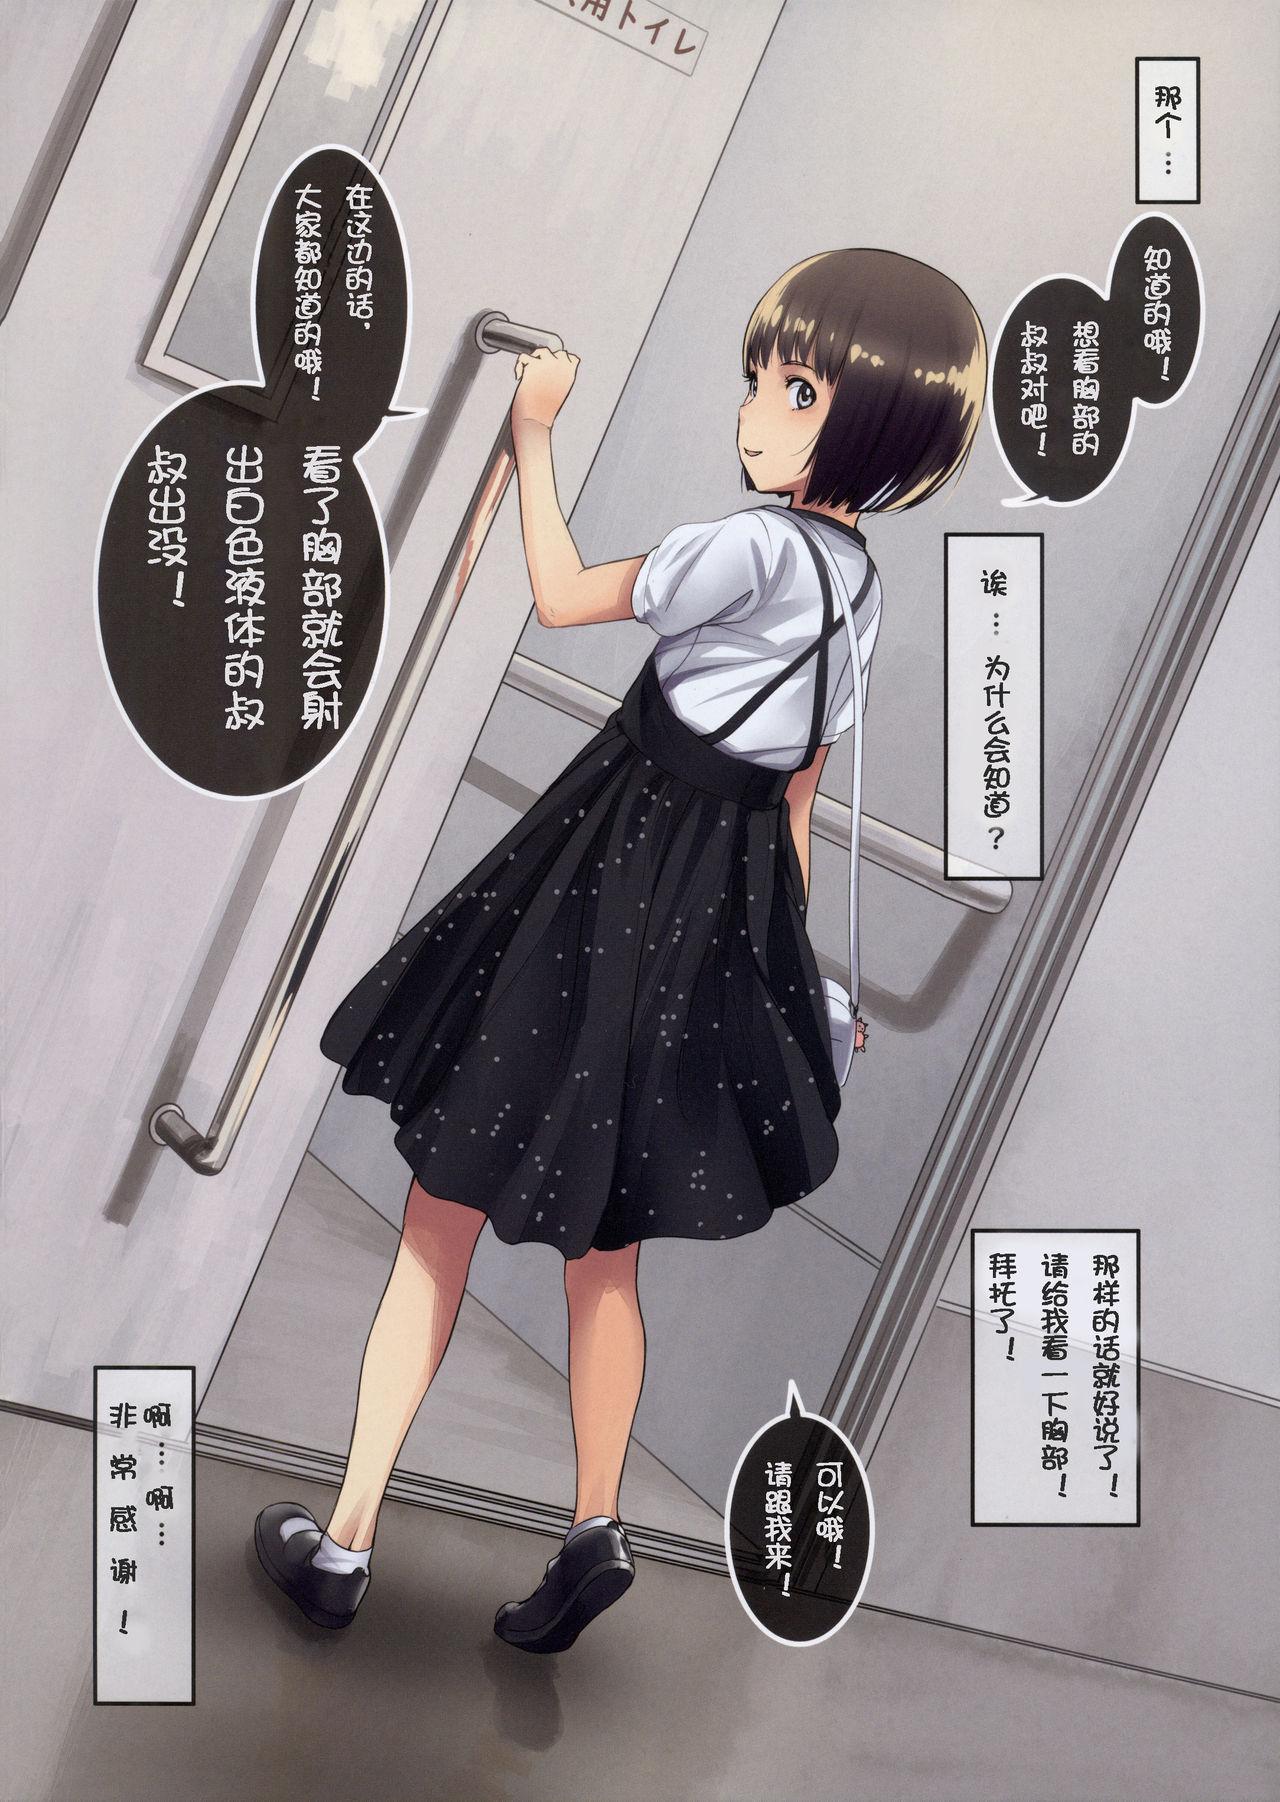 Onegai Shitara Misete kureru Onnanoko-tachi   请给我看一看吧!女孩子们! 15